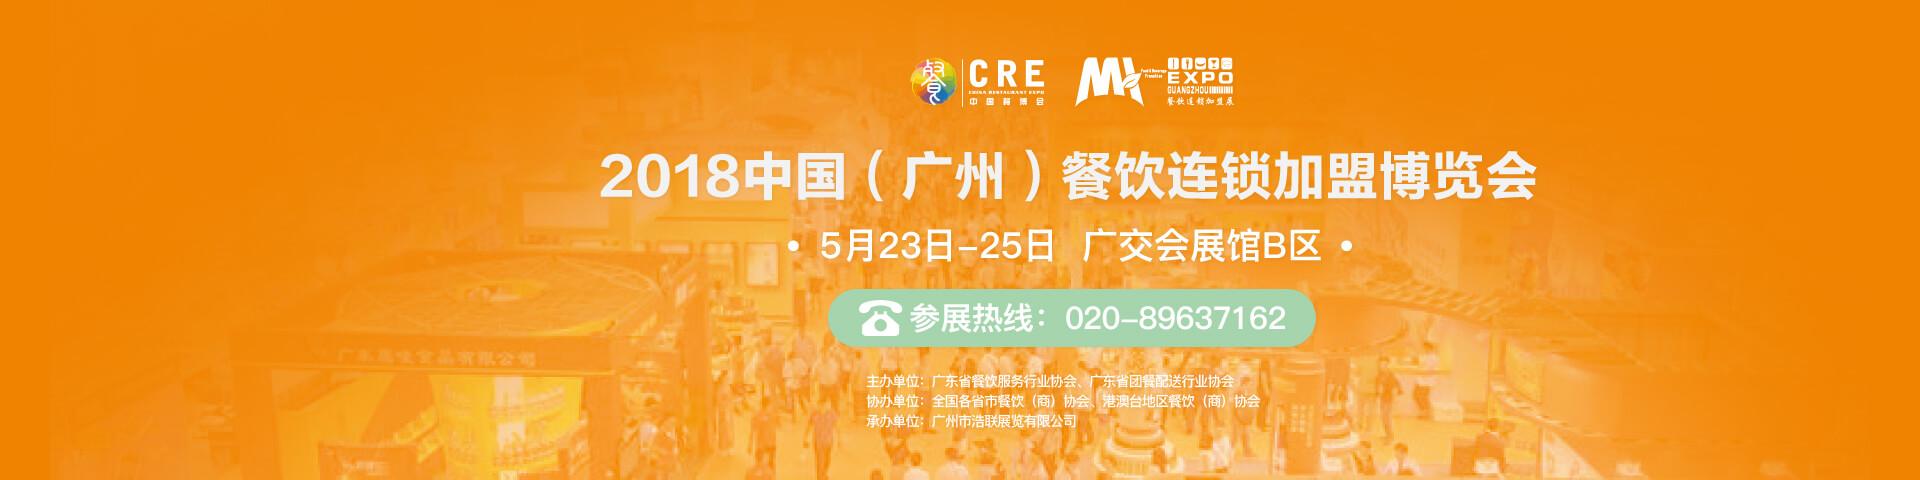 2018中国(广州)餐饮连锁加盟展览会(修改)